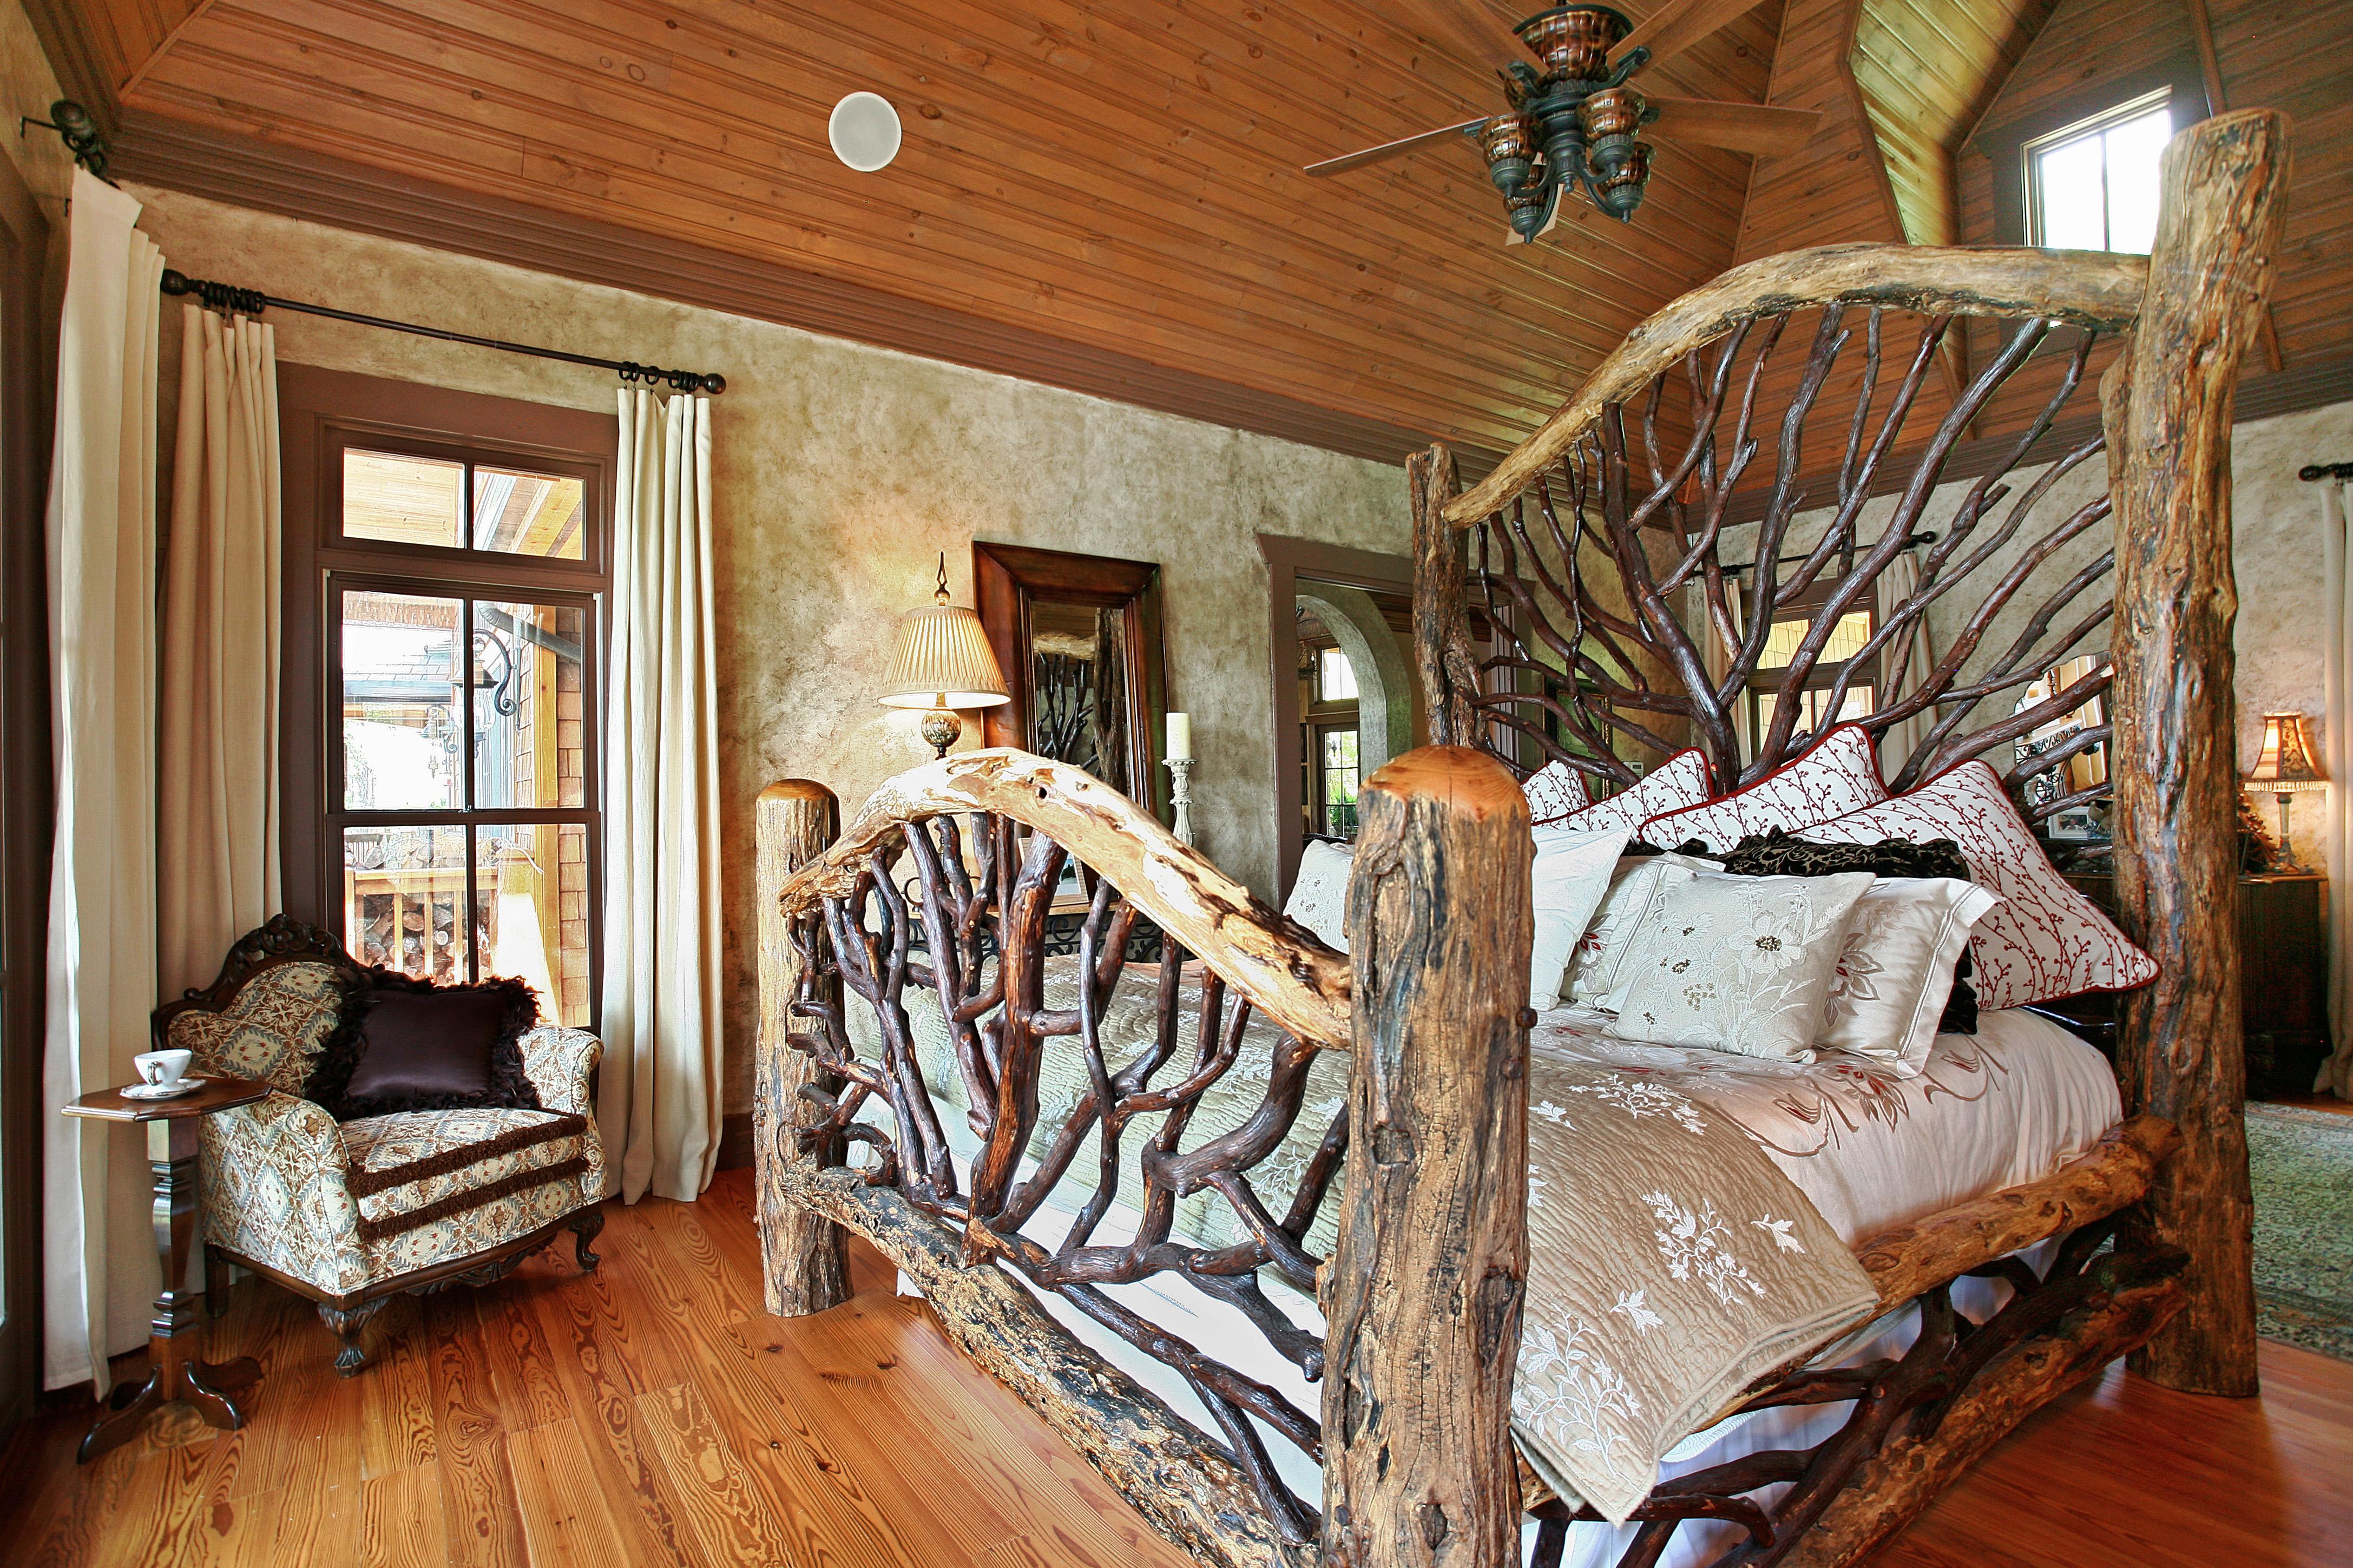 Camera Da Letto Beige : Camera da letto beige e marrone idee per abbinare bene questi